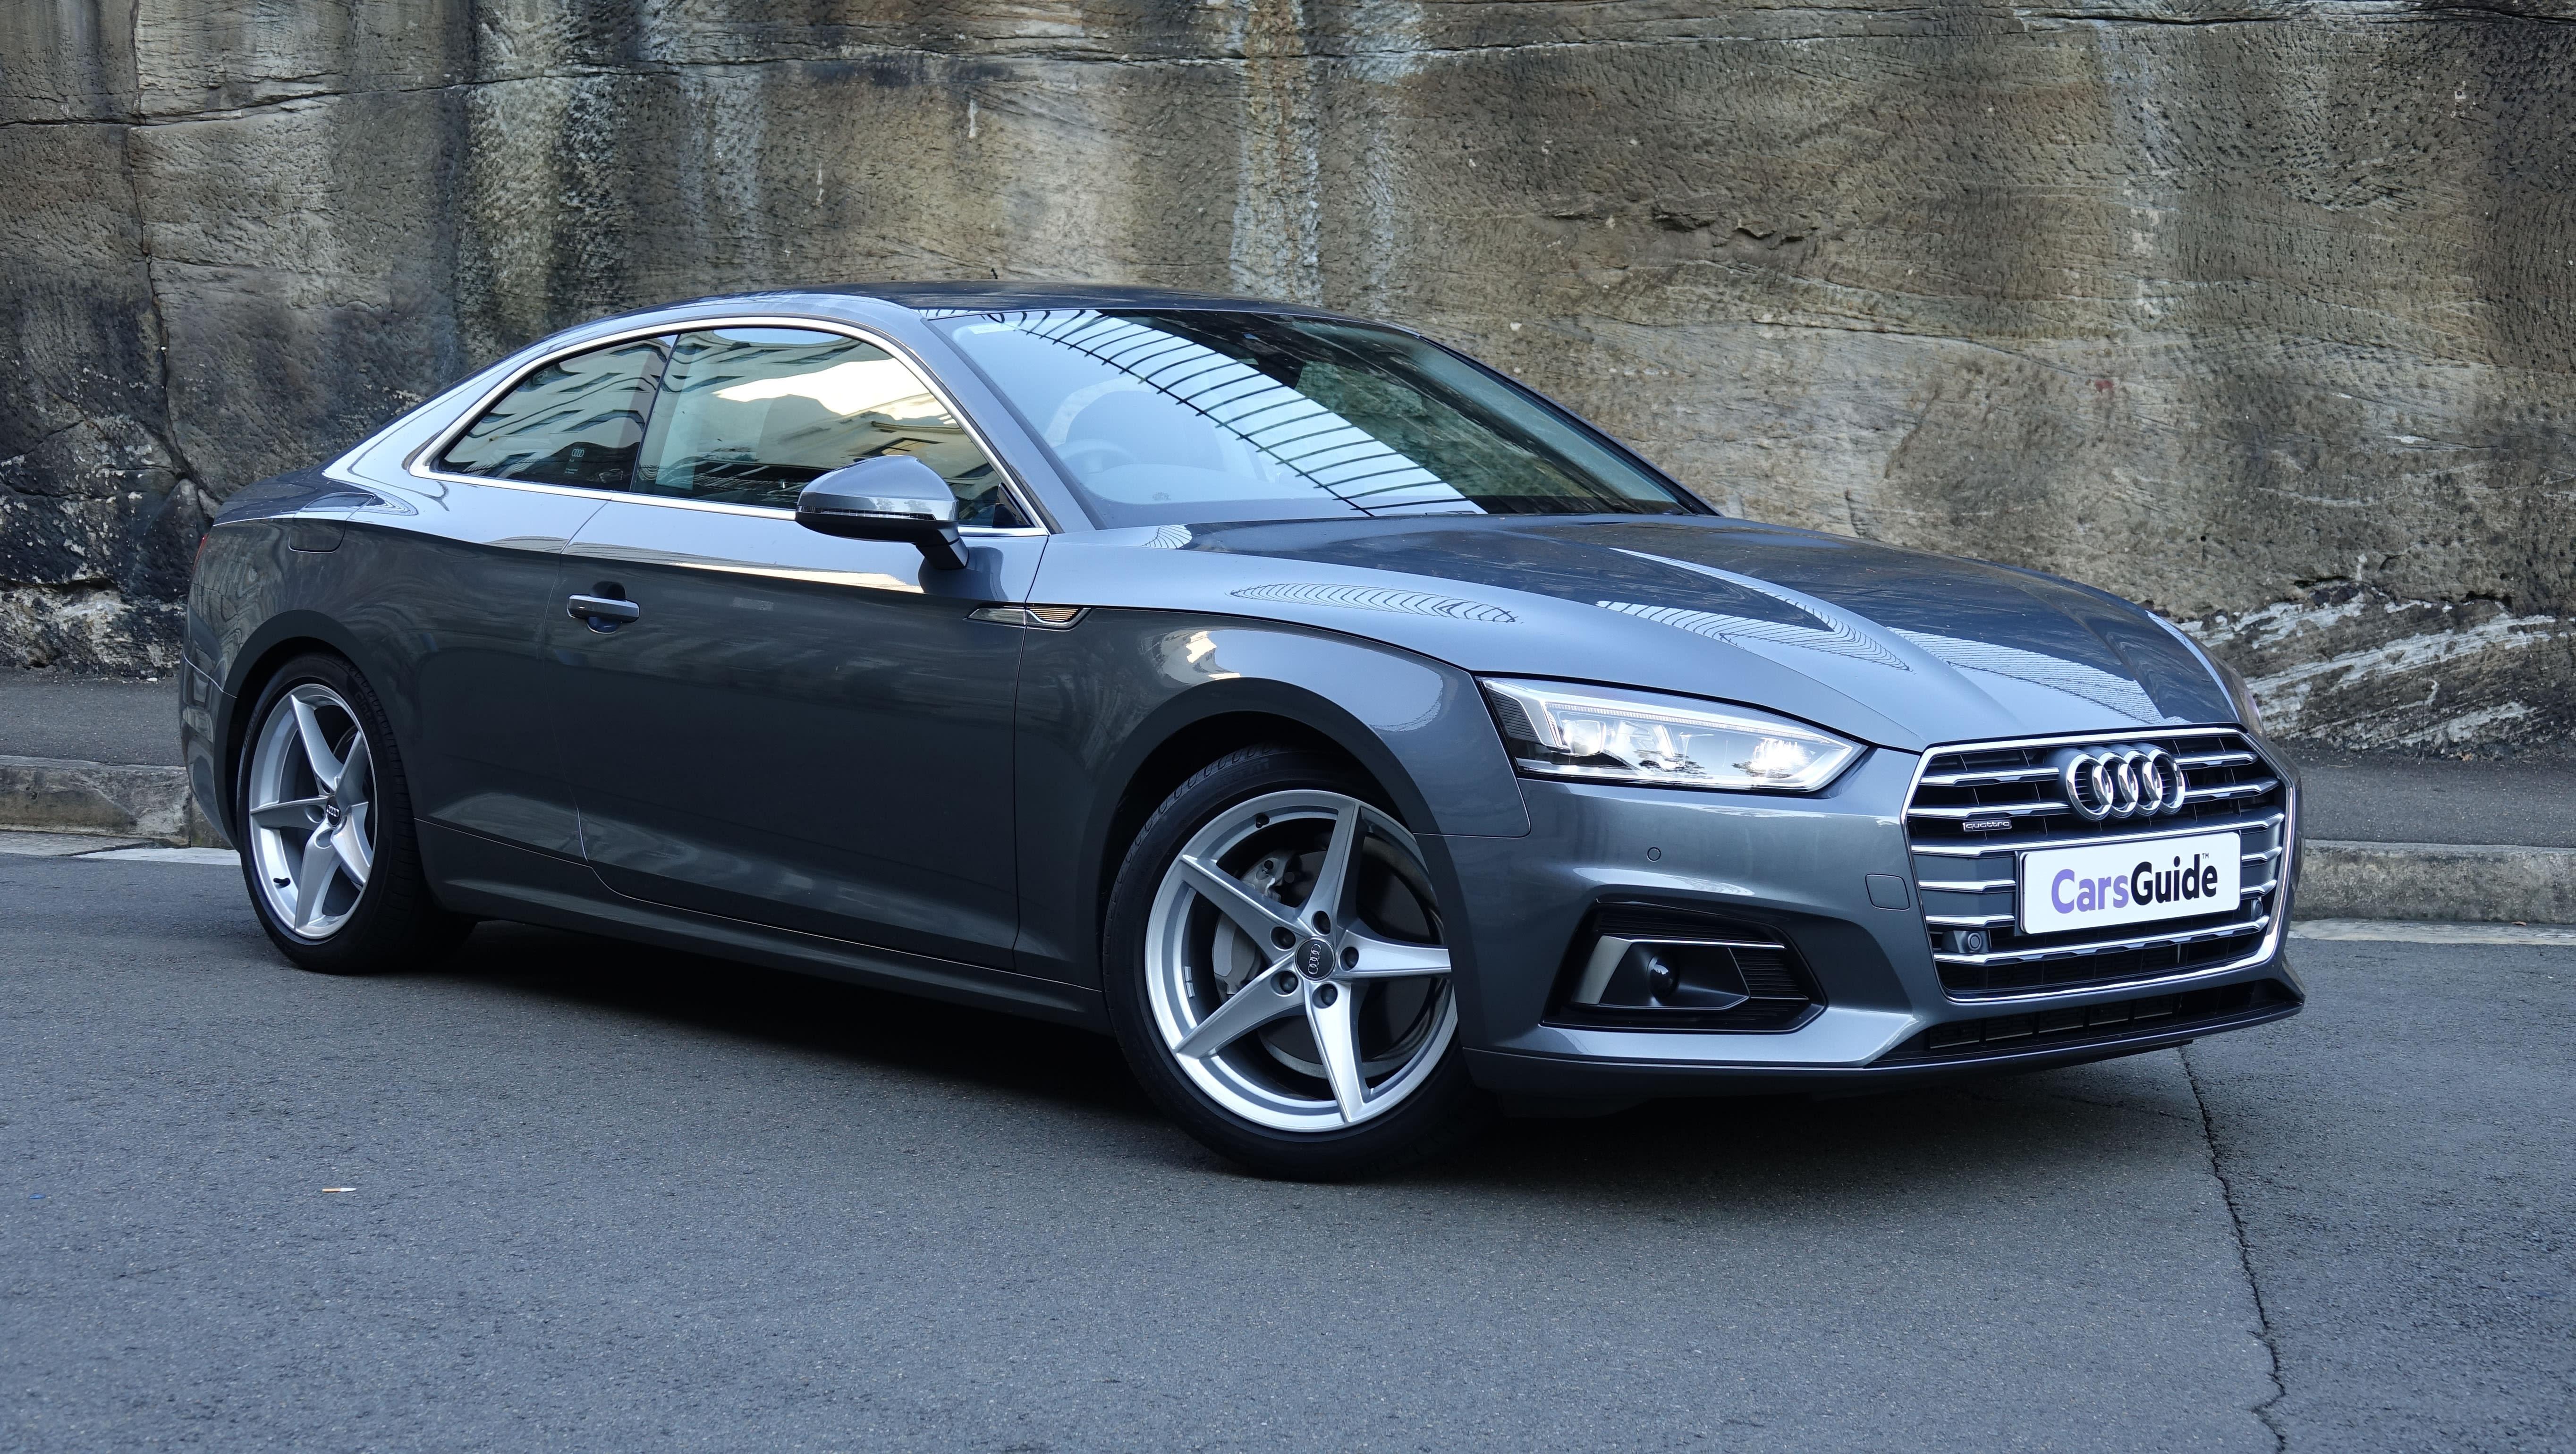 Kekurangan Audi A5 2.0 Tdi Murah Berkualitas